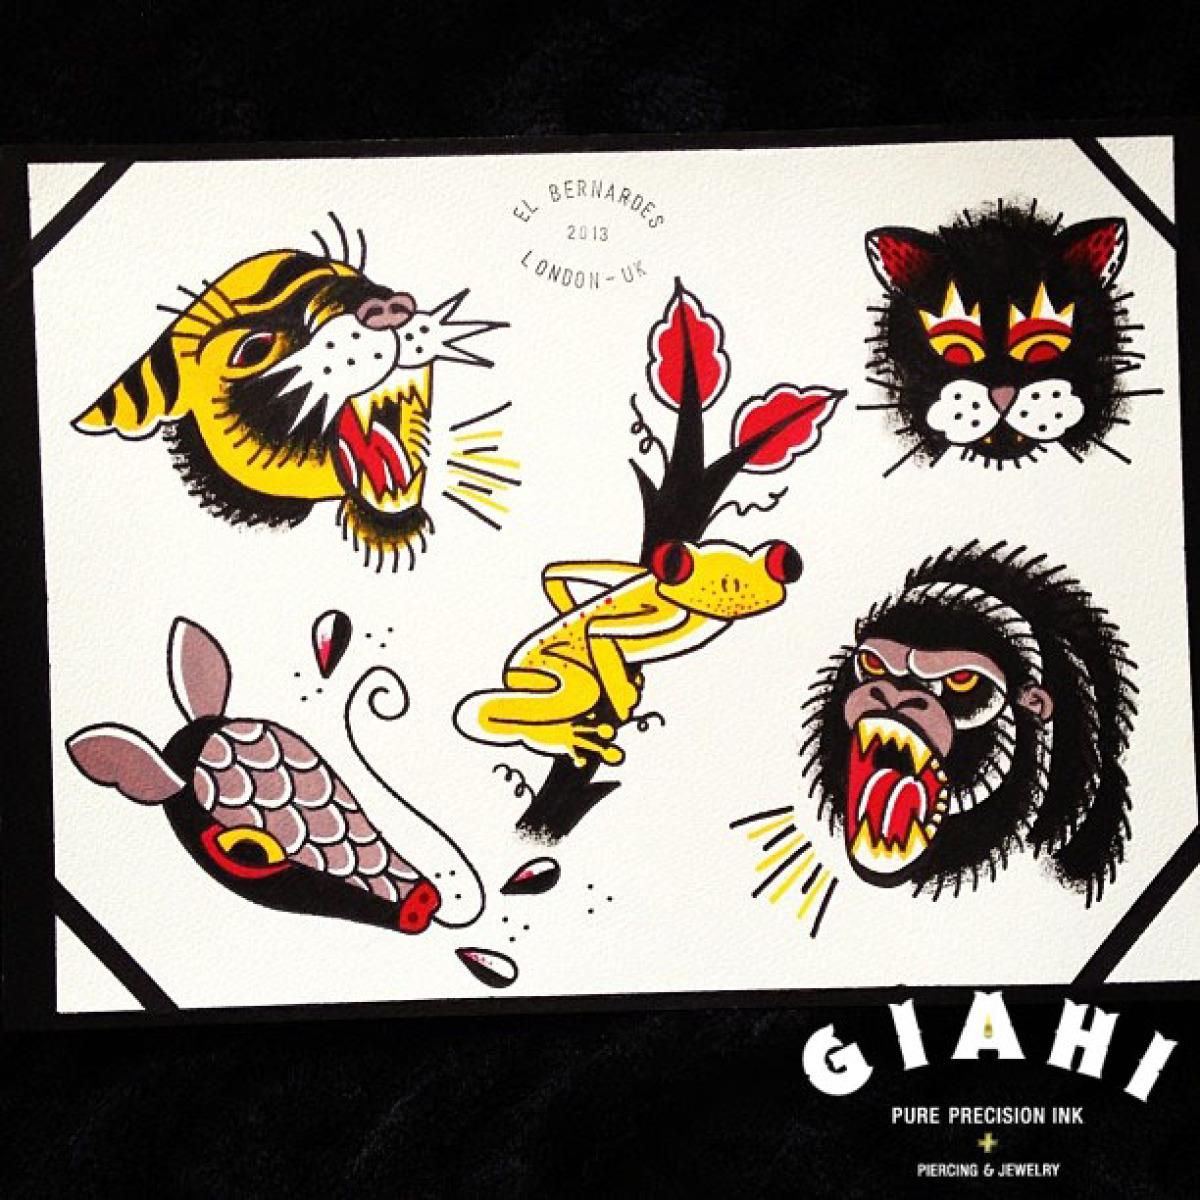 Tiger Cat Frog Gorilla Armadillo tattoo ideas by Elda Bernardes